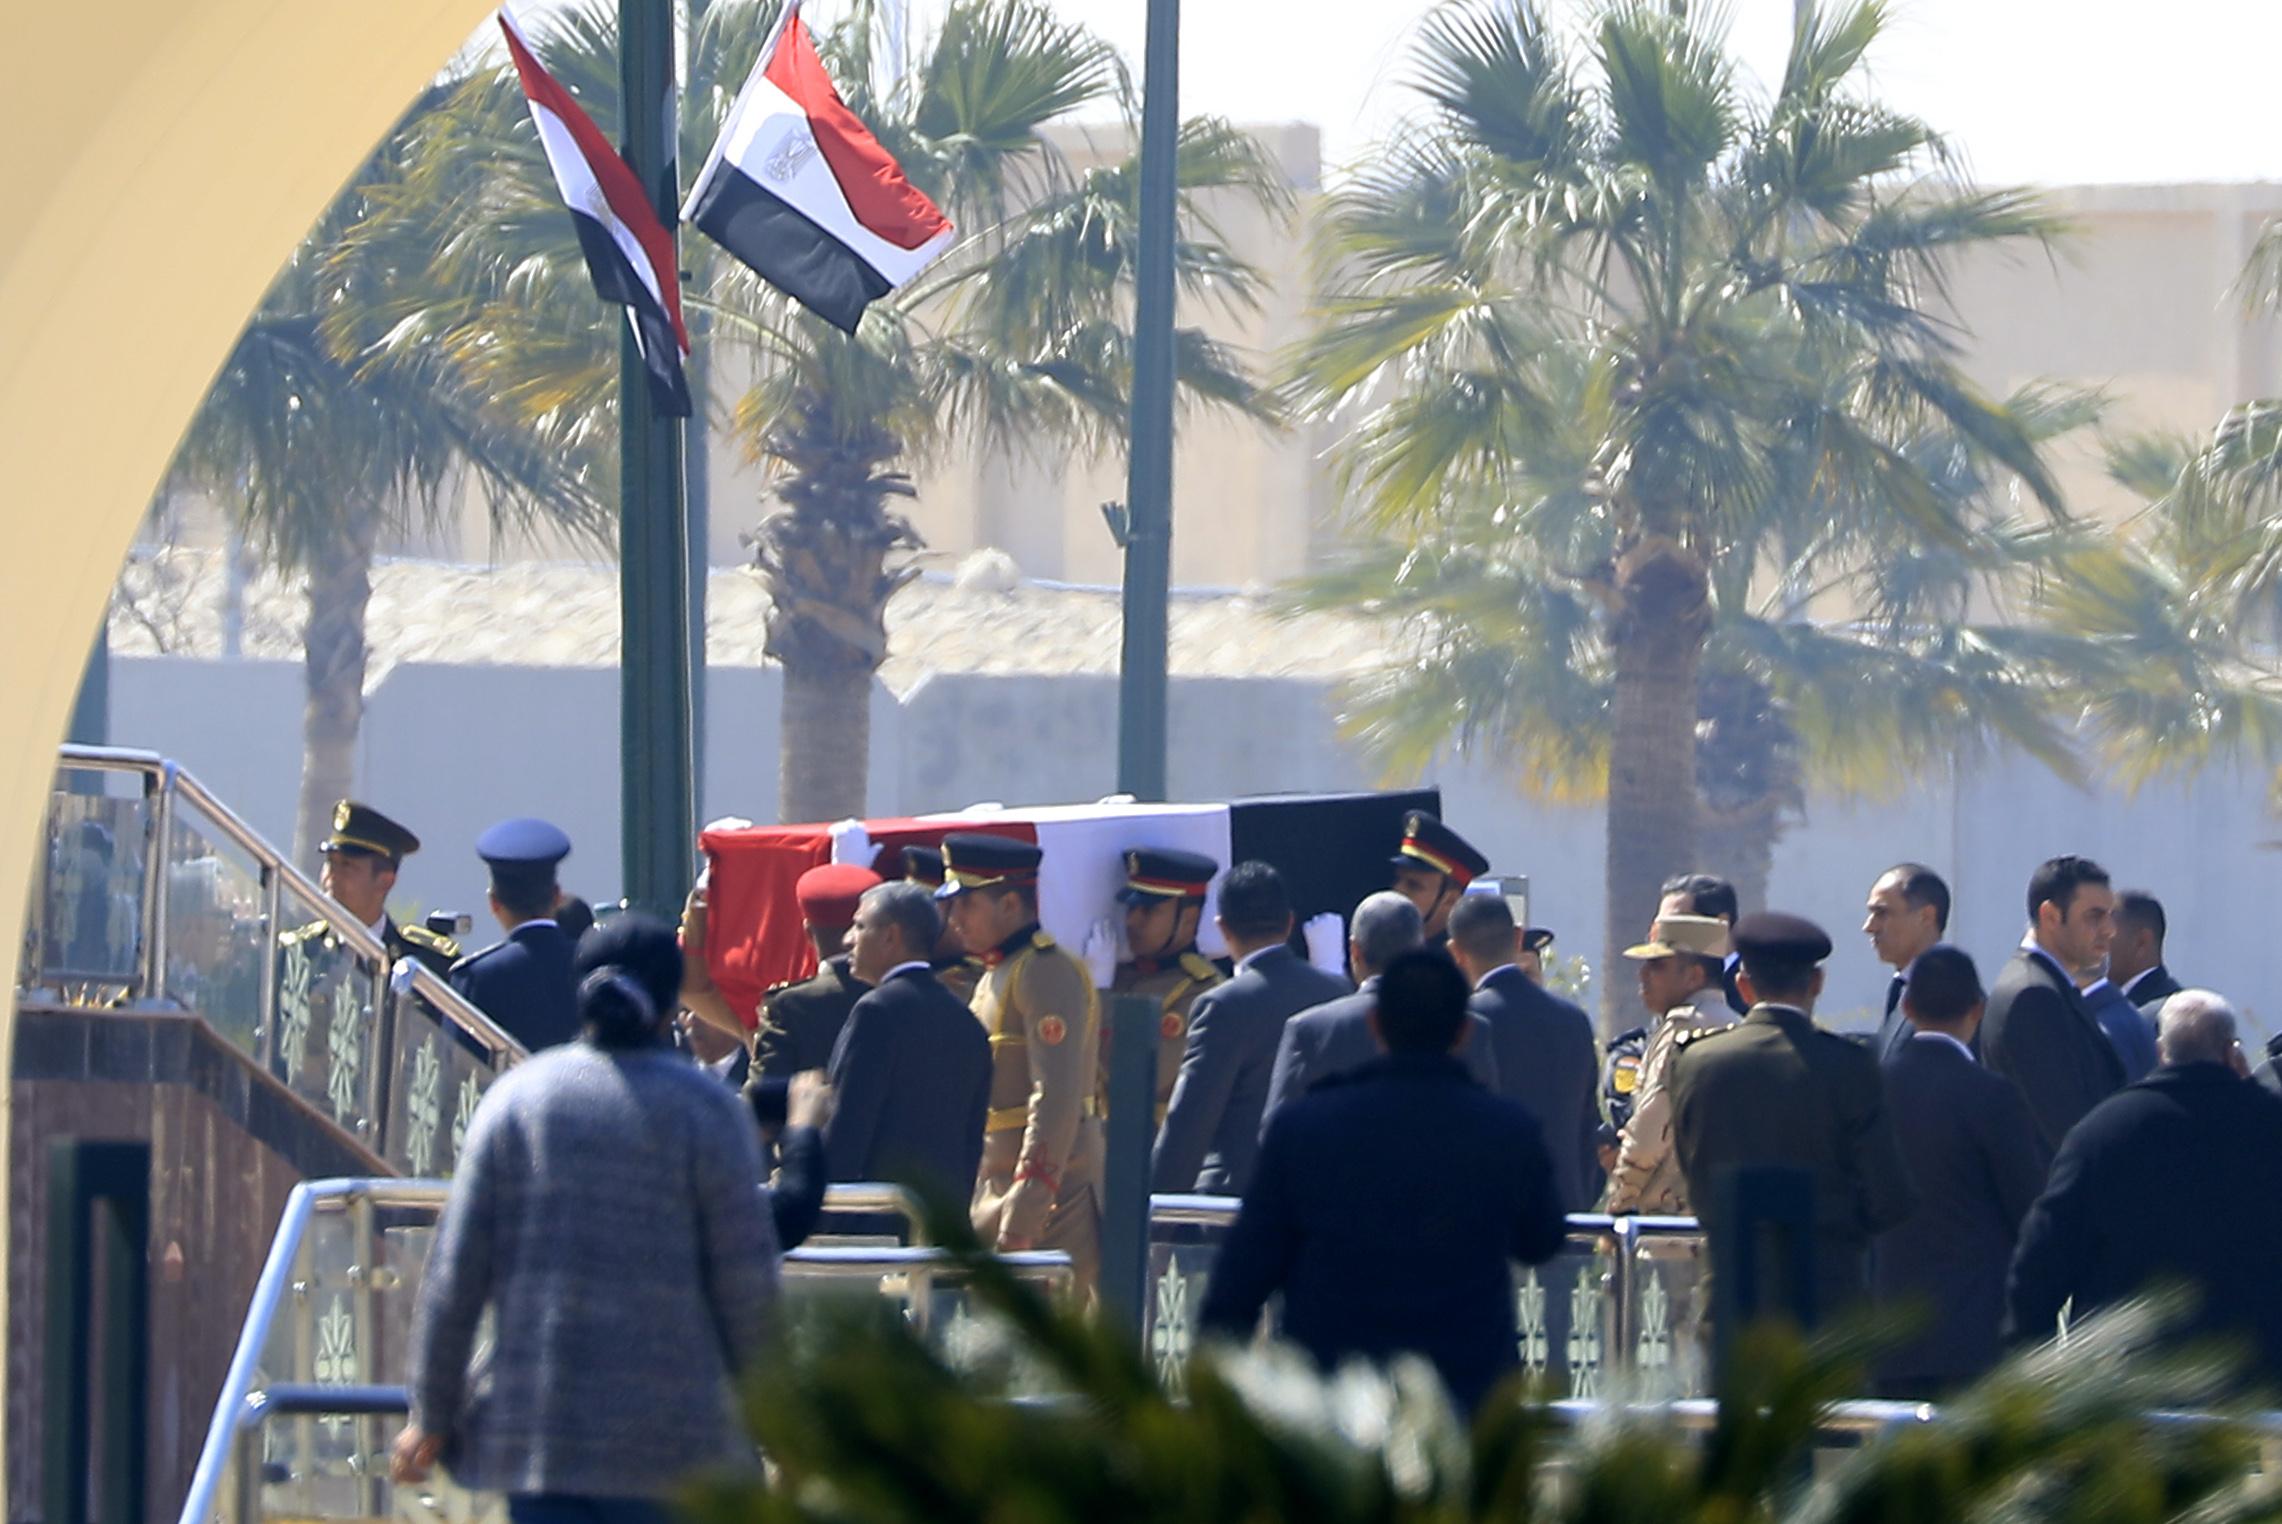 أعلنت الرئاسة المصرية أنها ستتولى أمور الجنازة